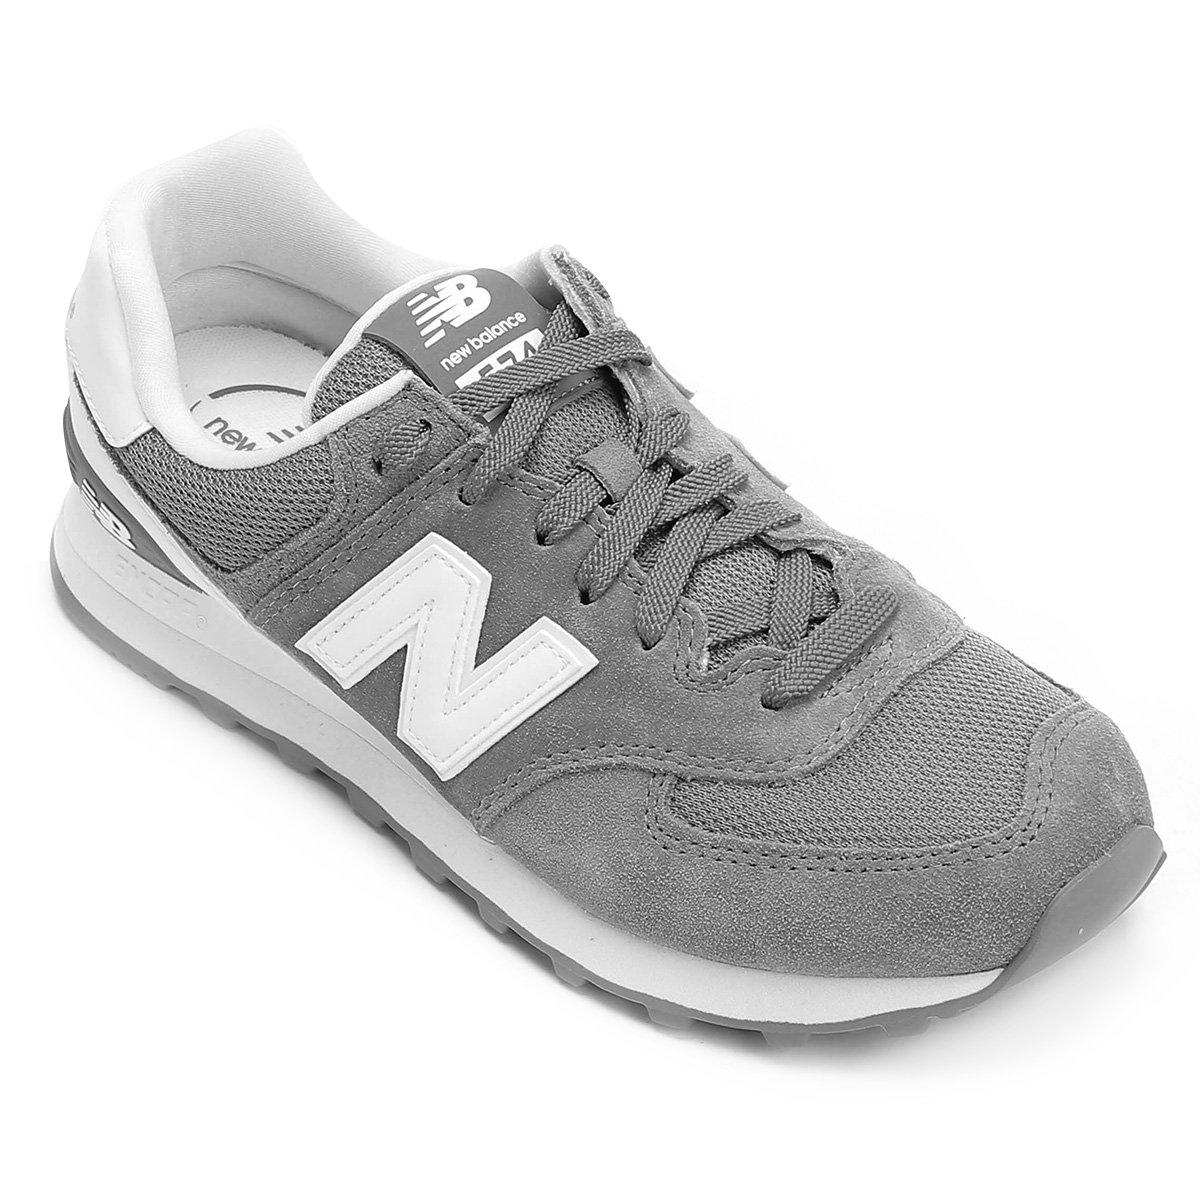 a921fa9eb72 Tênis Couro New Balance 574 Cny - Hi Viz Masculino - Compre Agora ...